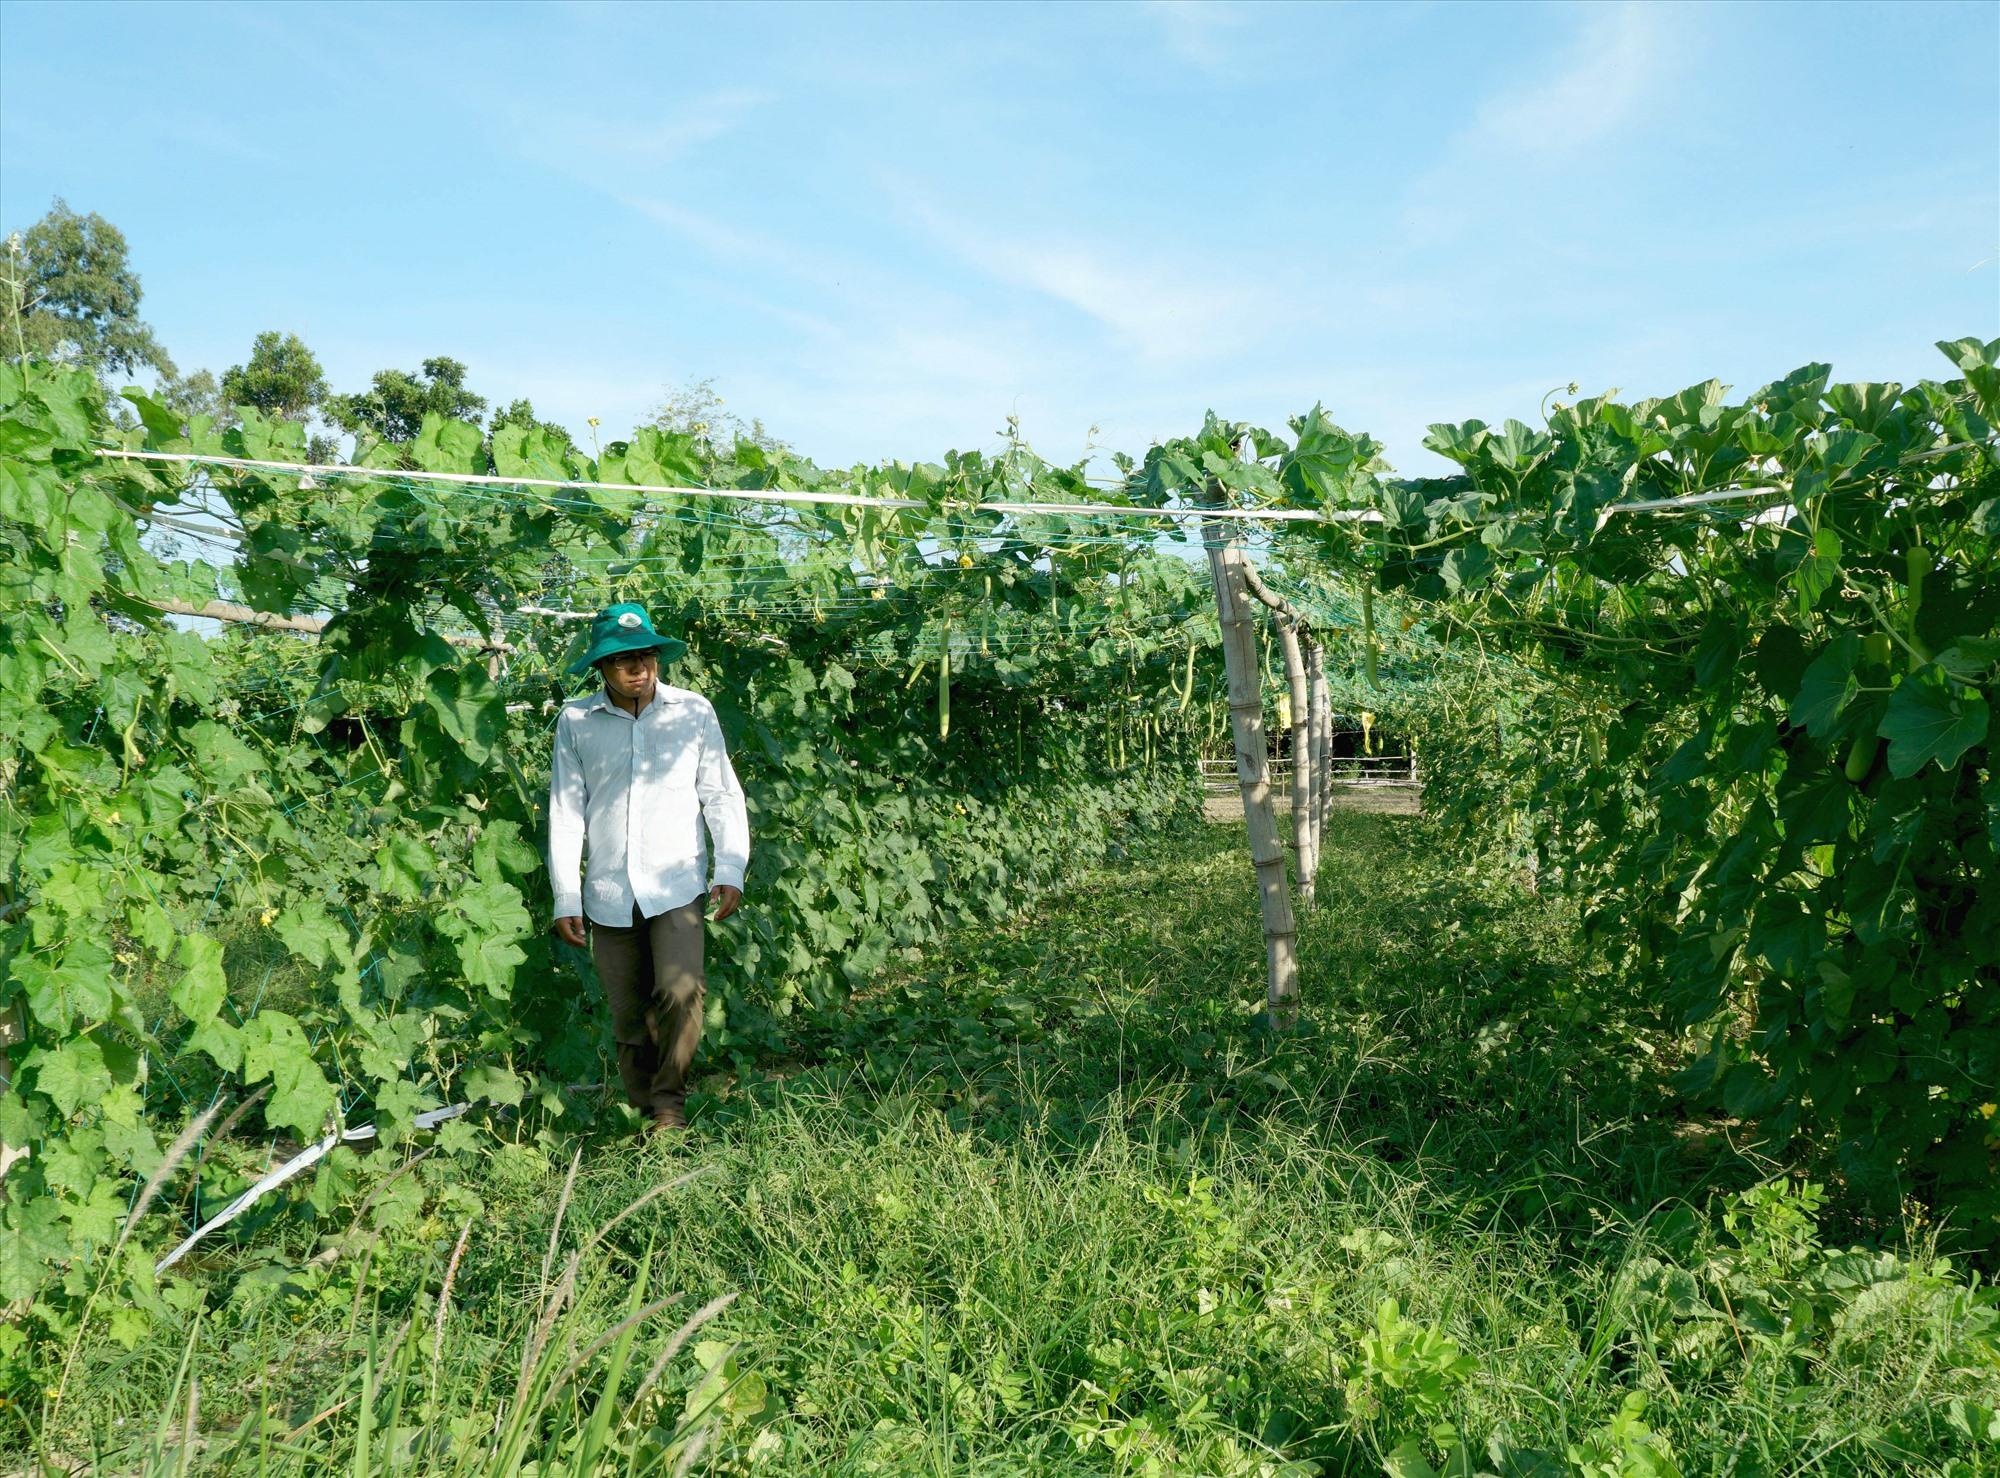 Nhiều vườn rau ở Tam Ngọc quanh năm xanh tốt, cải thiện nguồn thu nhập cho nông dân địa phương. Ảnh: Nguyễn Điện Ngọc